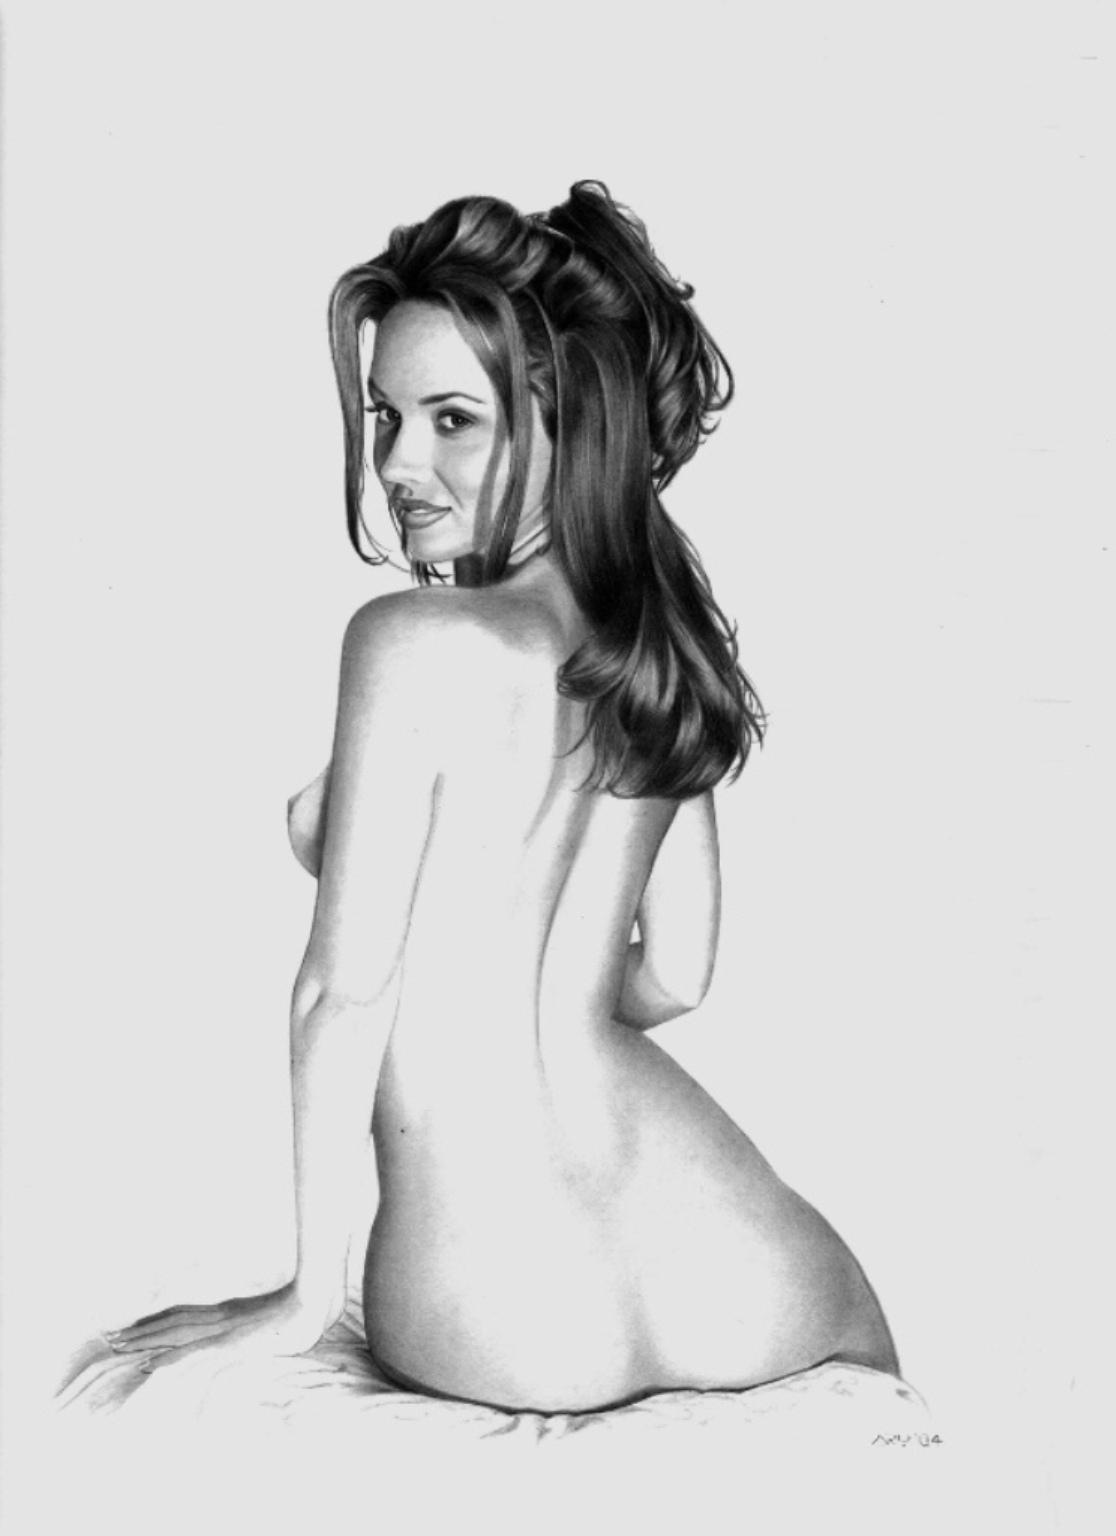 Рисуем голую девушку картинки 13 фотография